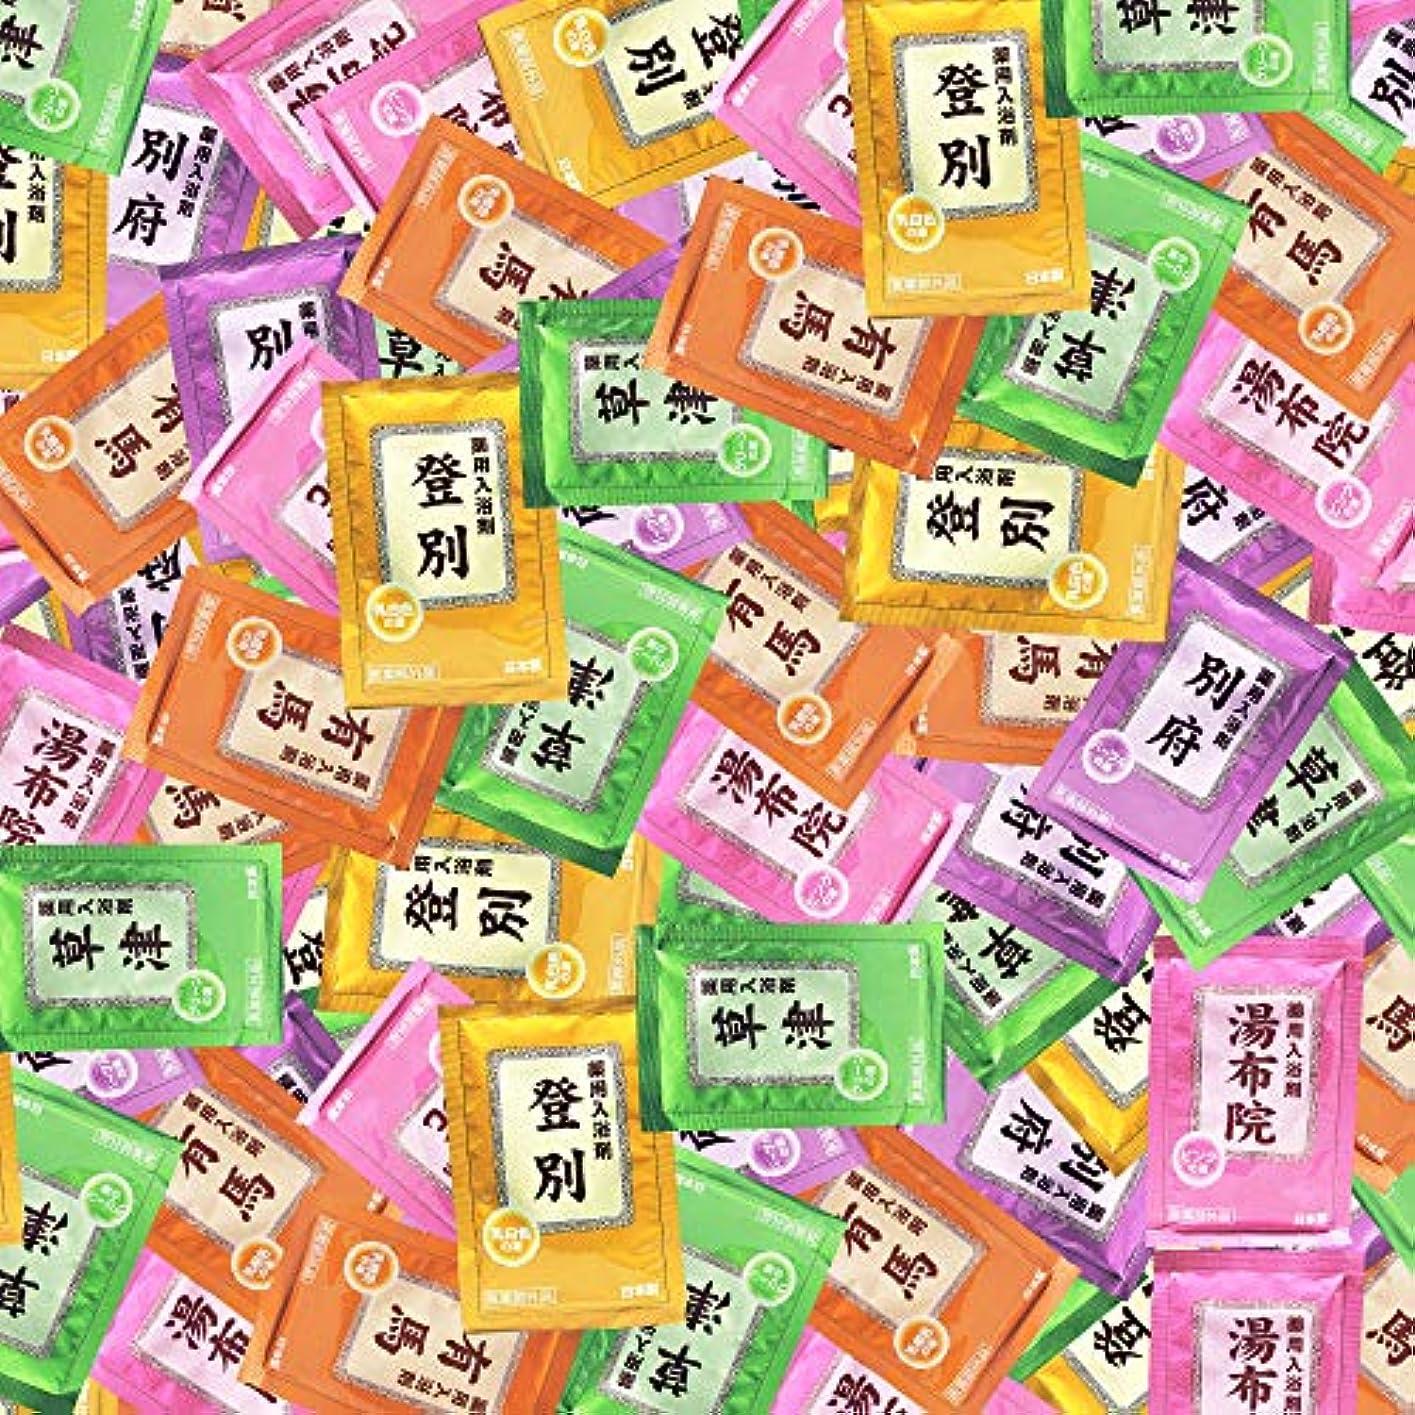 涙理由突き刺す入浴剤 ギフト プレゼント 湯宿めぐり 5種類 (200袋)セット